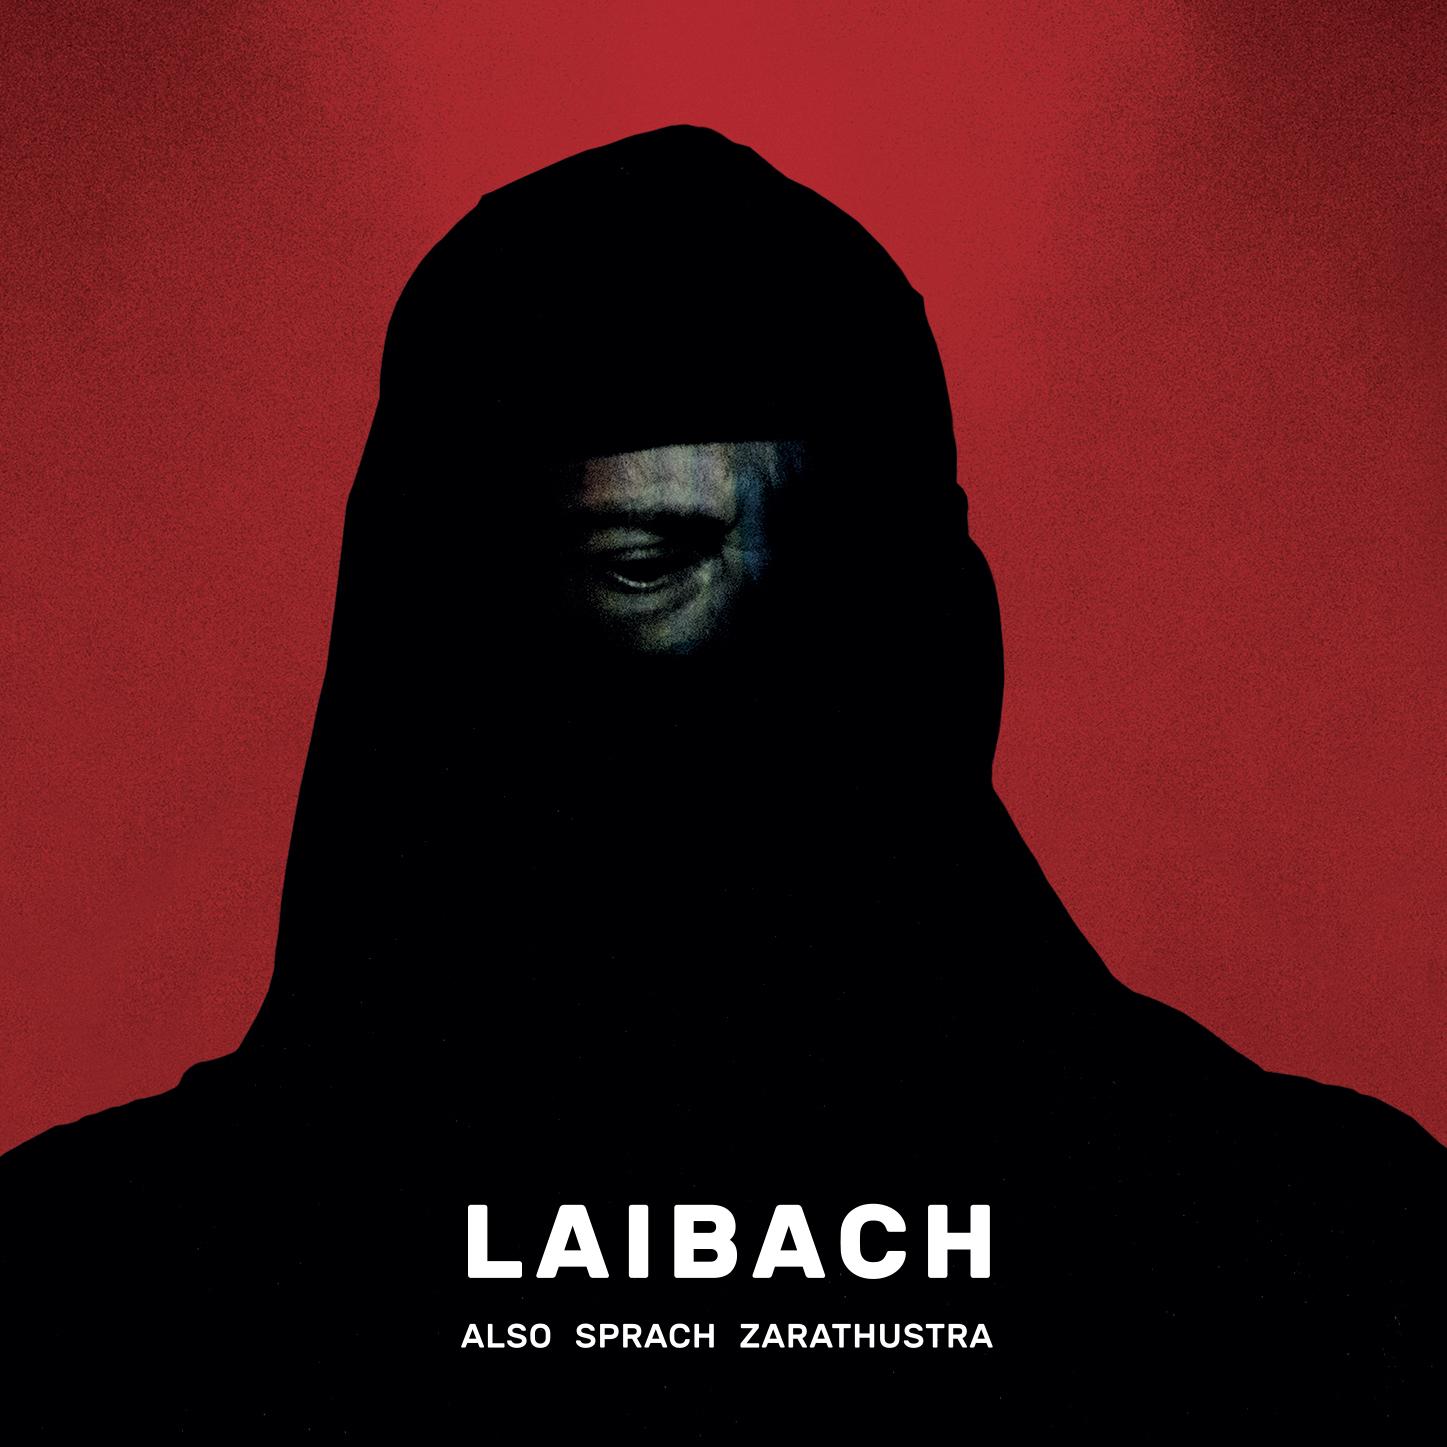 """Laibach, """"Tako rzecze Zaratustra"""" (źródło: materiały prasowe organizatora)"""